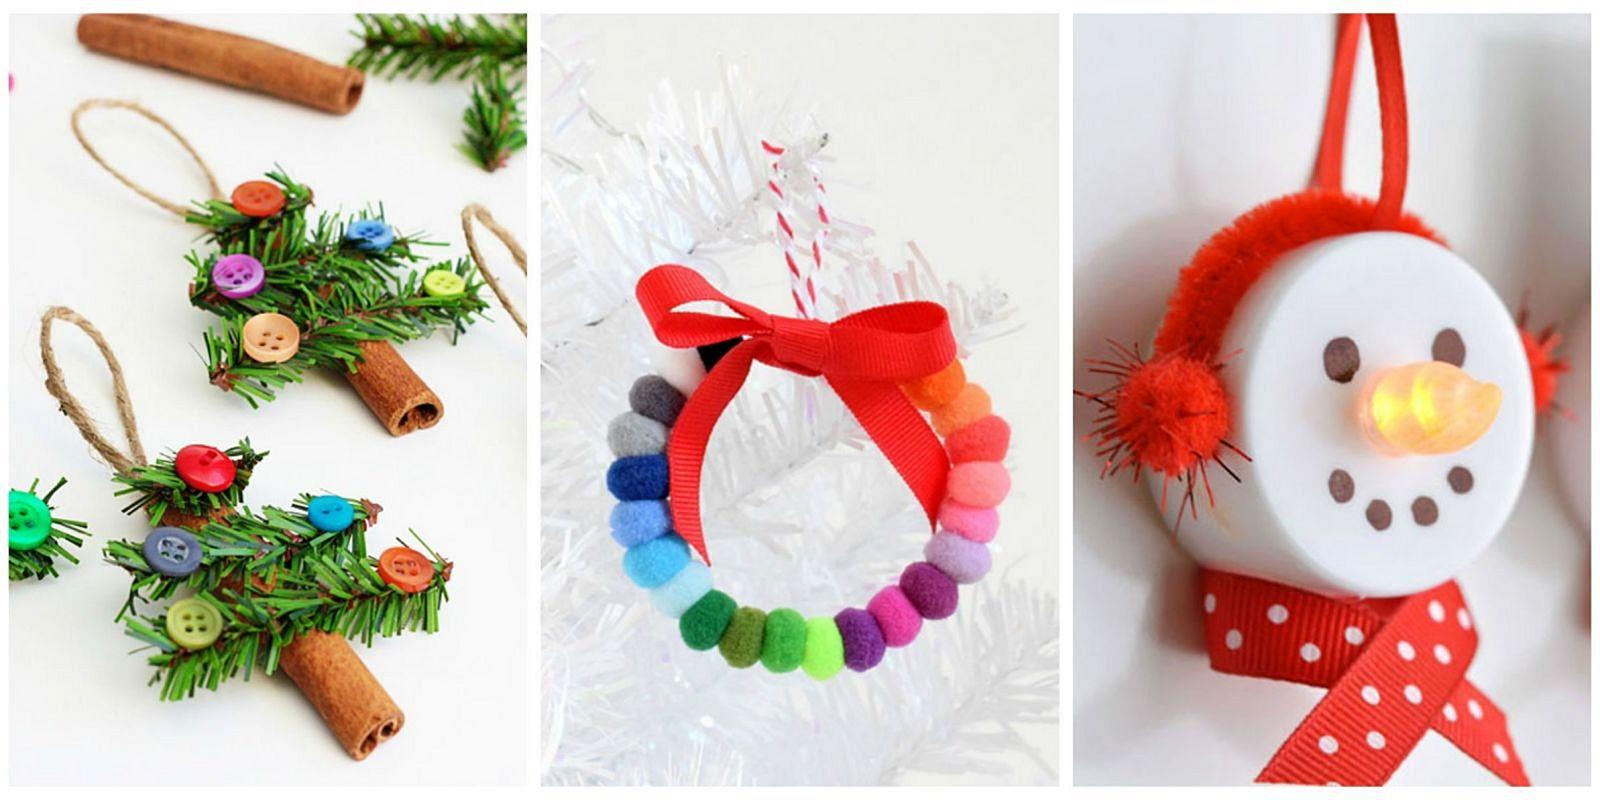 DIY Ornament Christmas Ideas 5